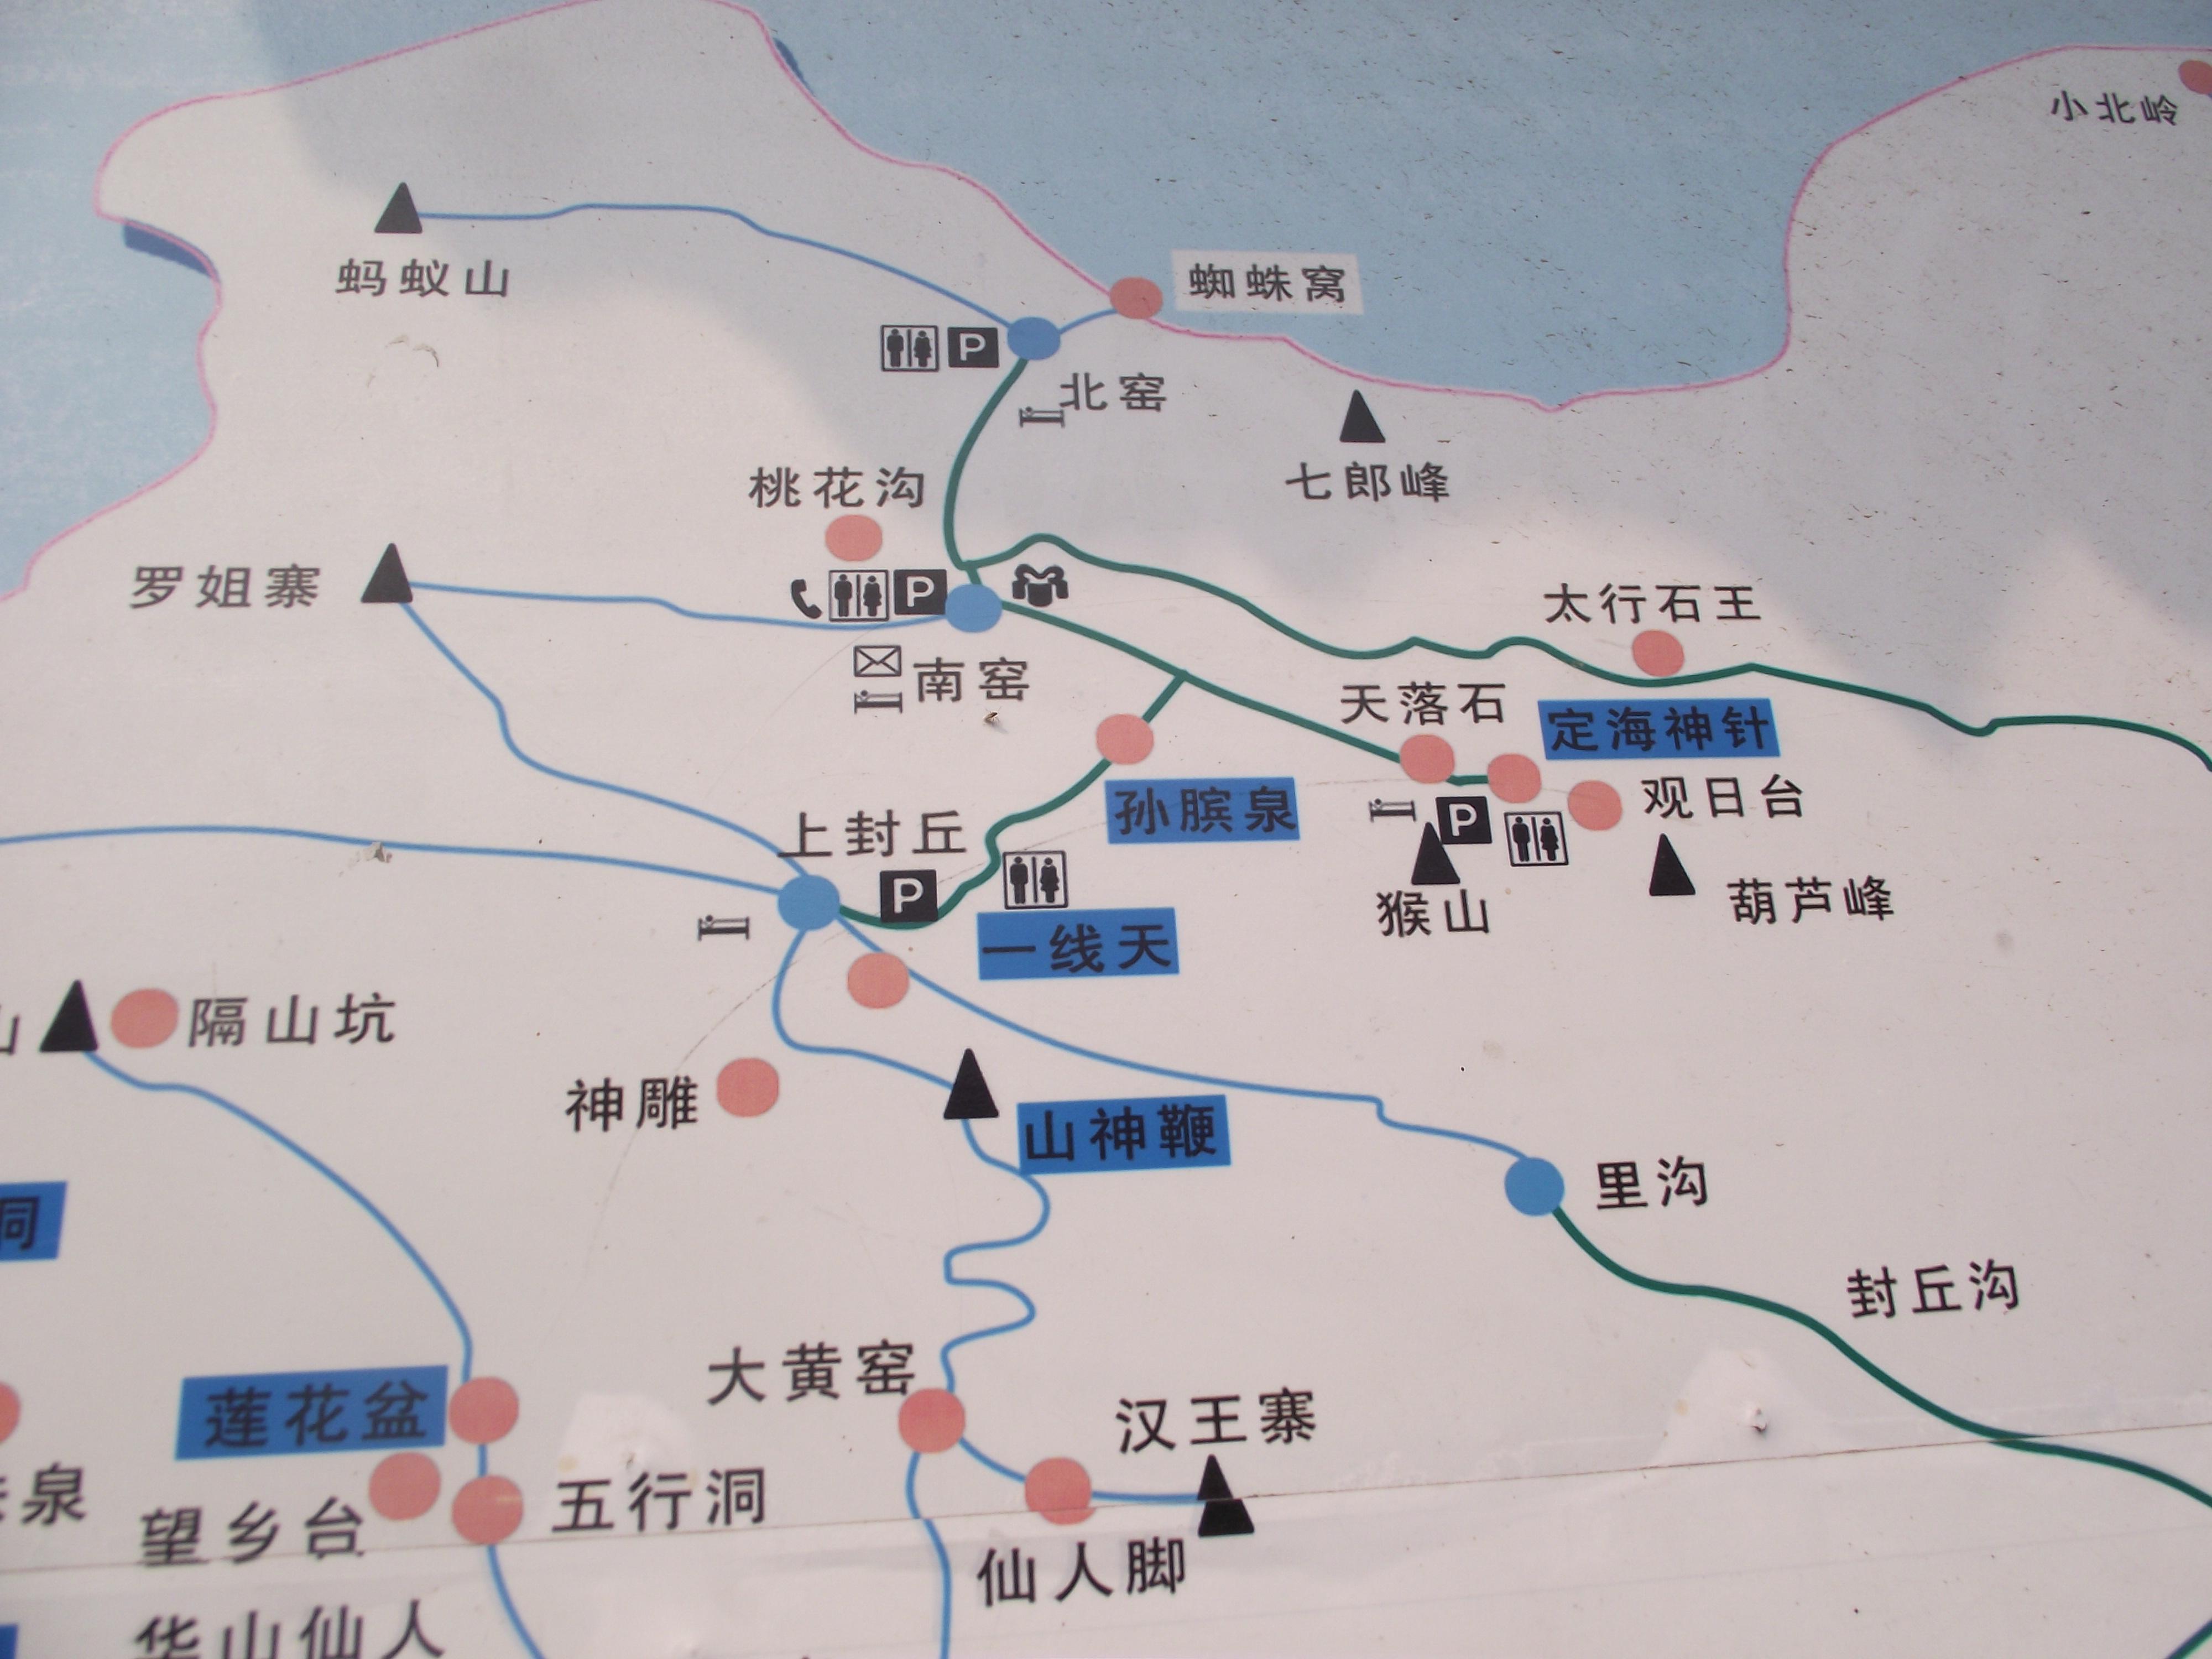 韦金勇:河南辉县万仙山(郭亮村和郭亮绝壁公路)最新最实用的旅游攻略